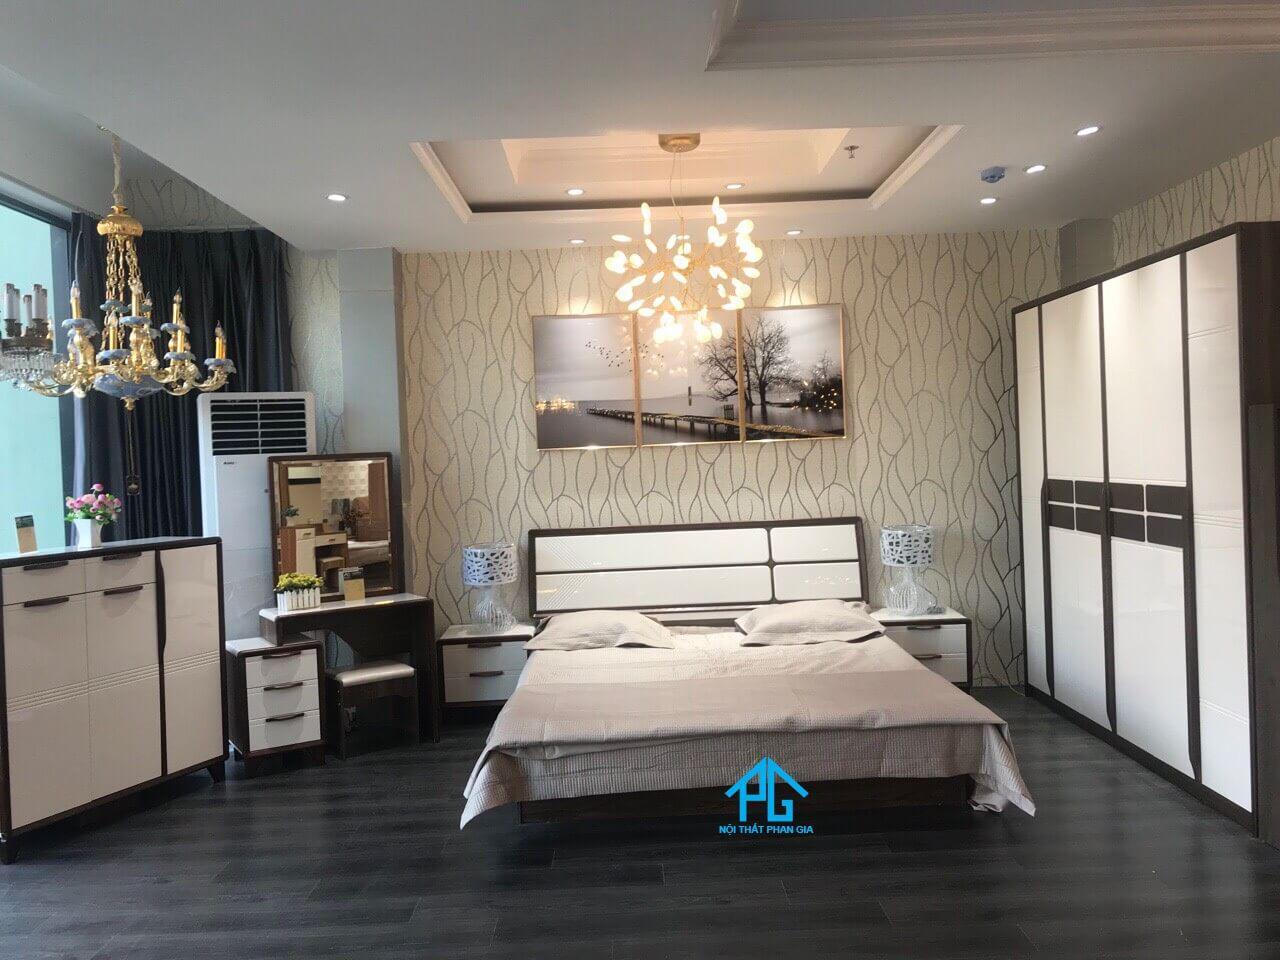 sơn đông giường tủ gỗ sang trọng mỹ tho;